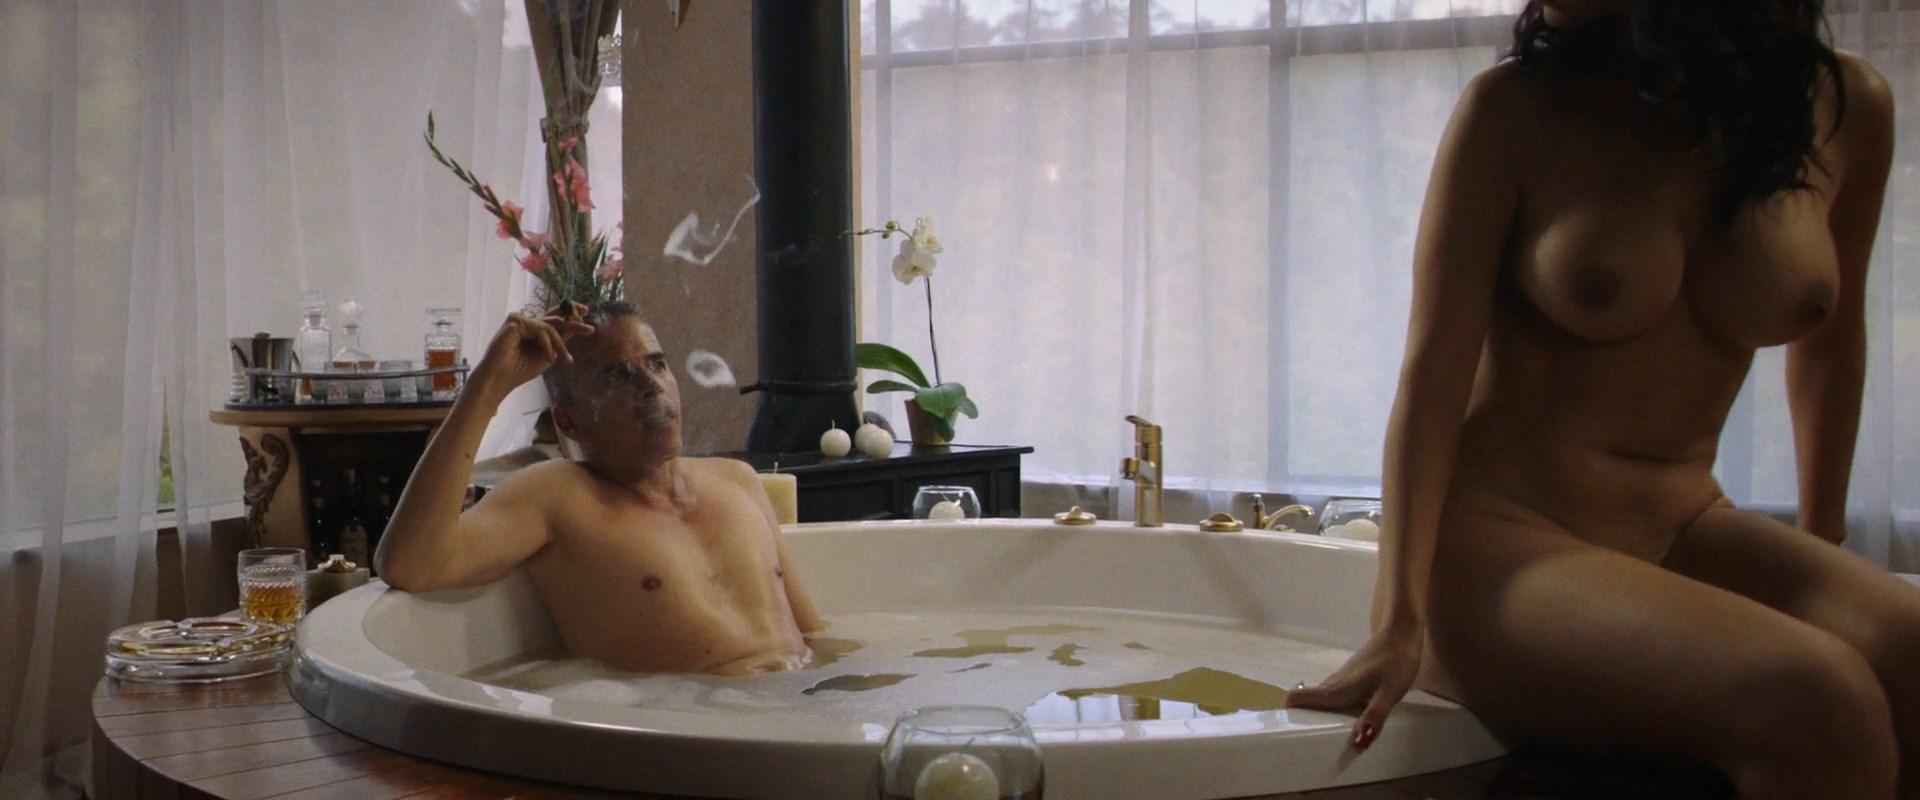 nudes Feet Larisa Oleynik born June 7, 1981 (age 37) (73 pics) Topless, 2019, legs